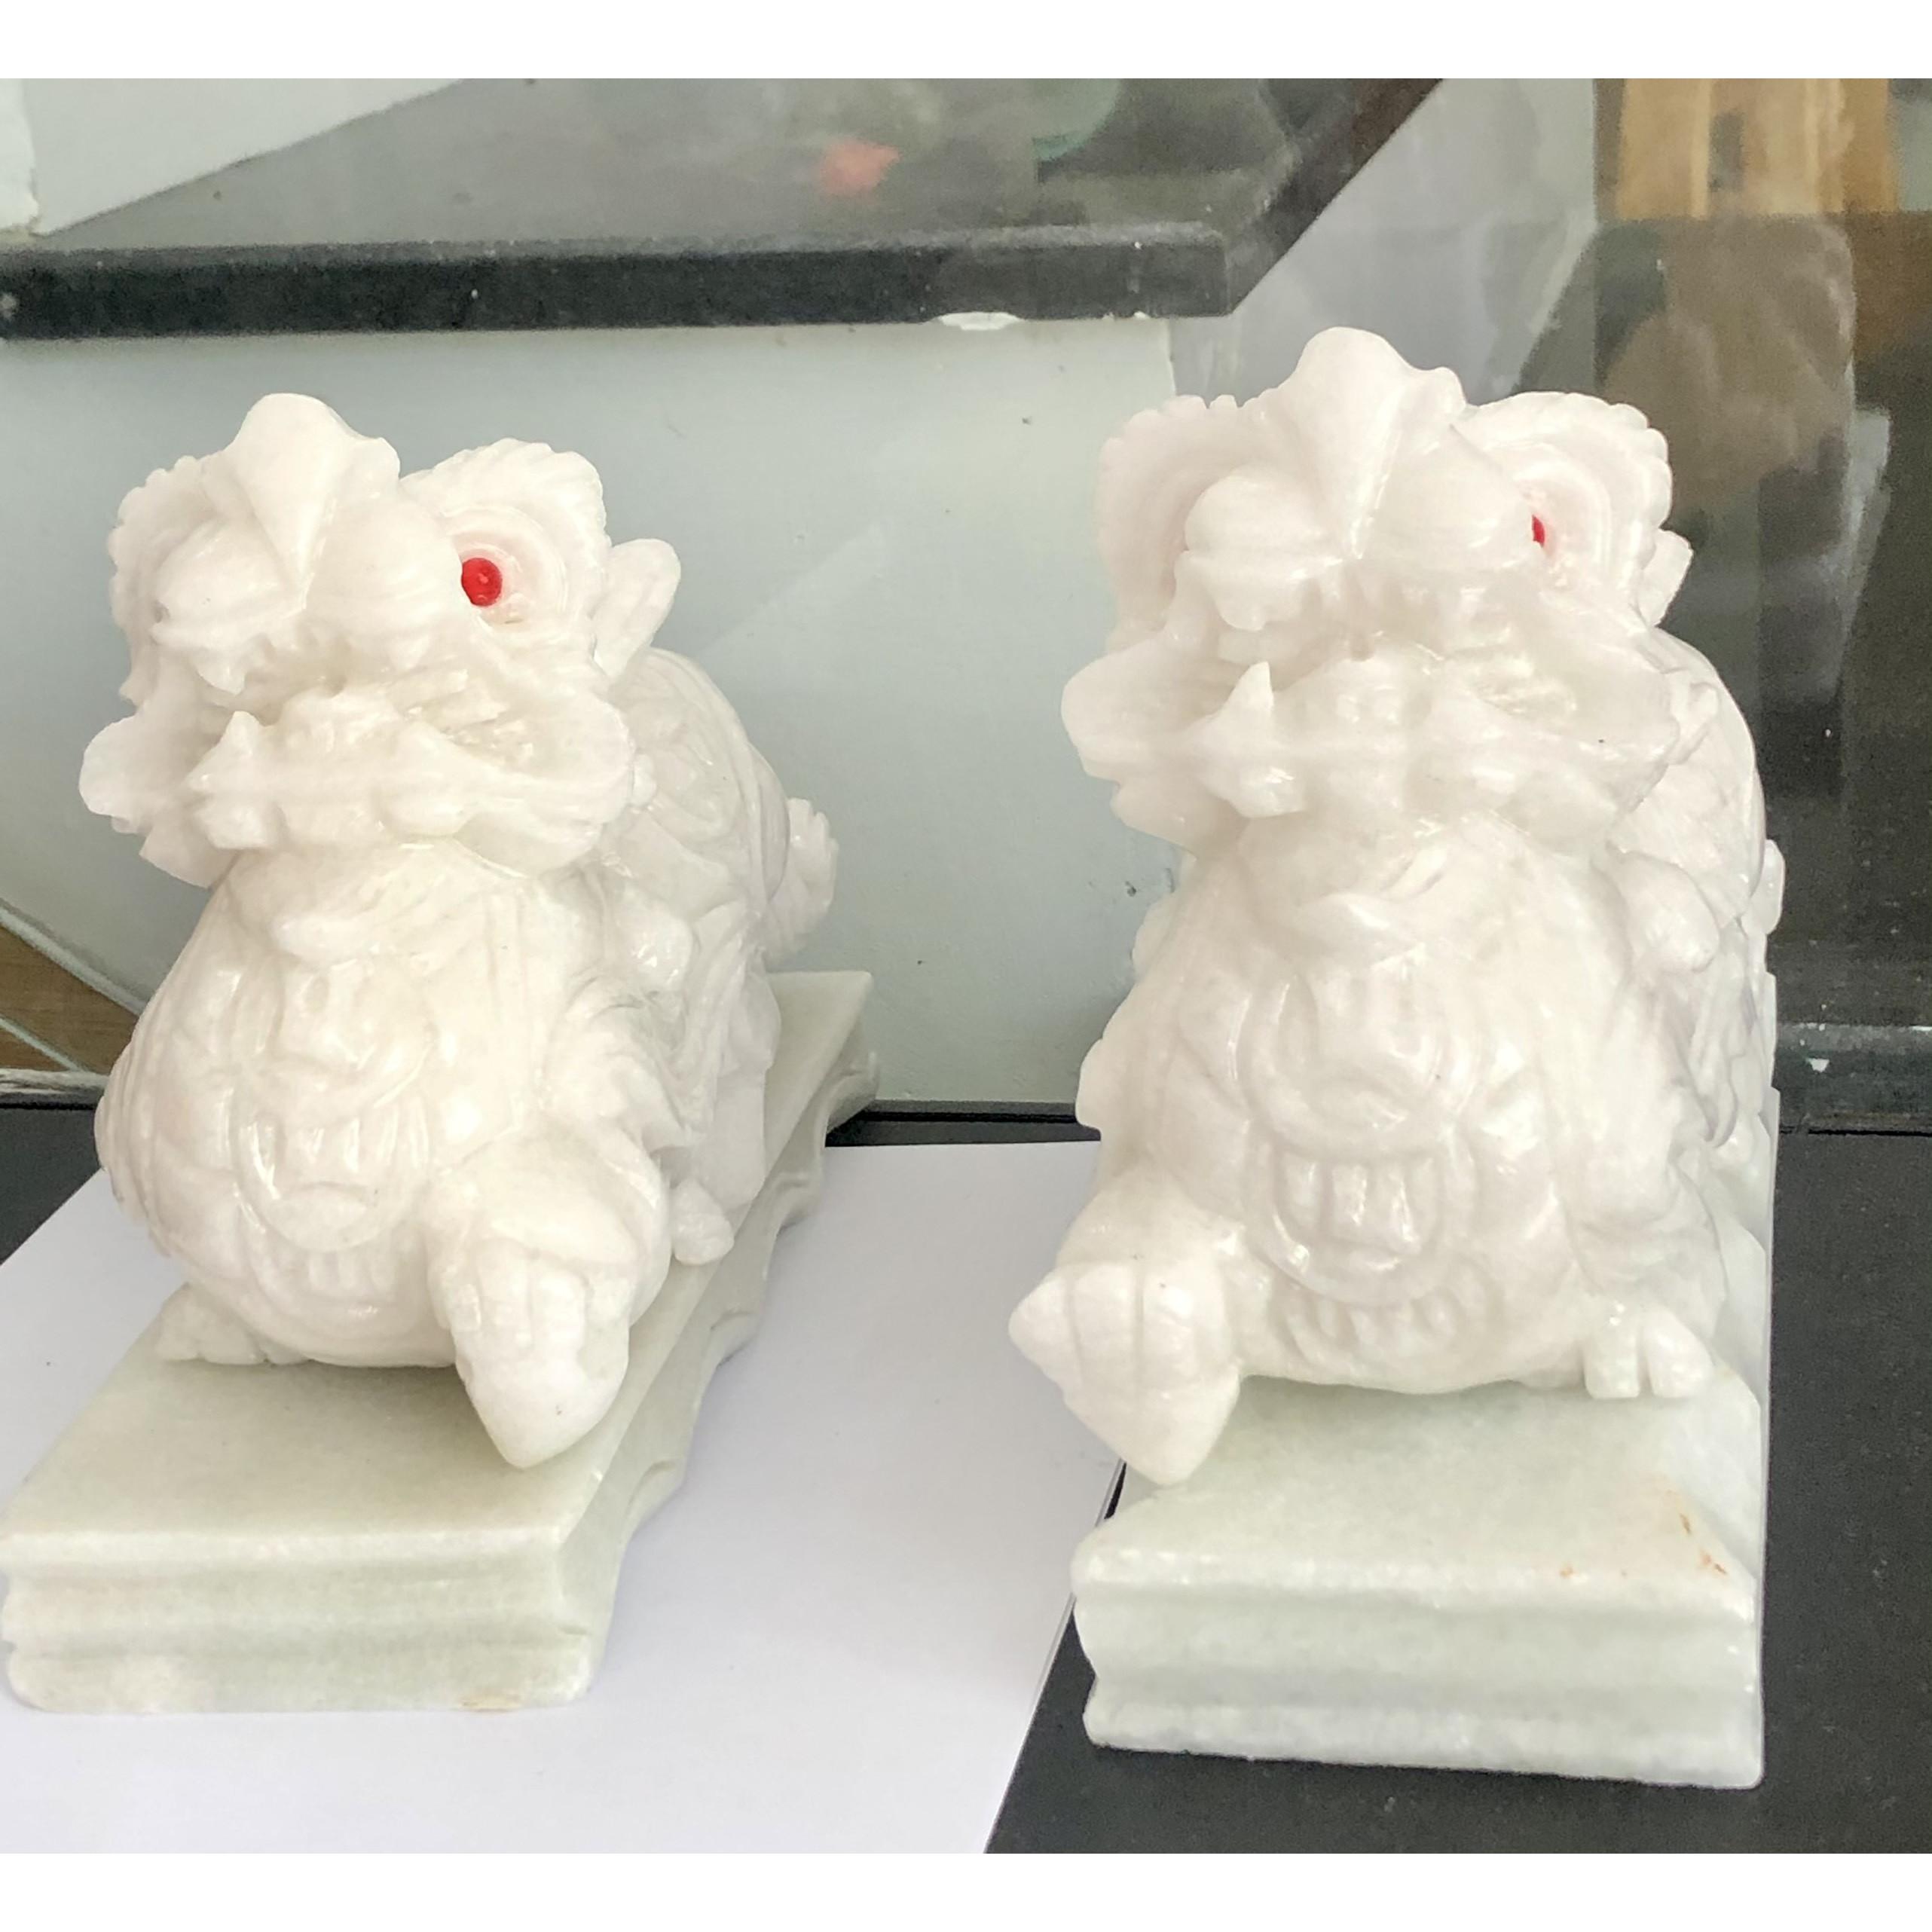 Cặp tỳ hưu đá trắng non nước 20 cm tặng kèm đế